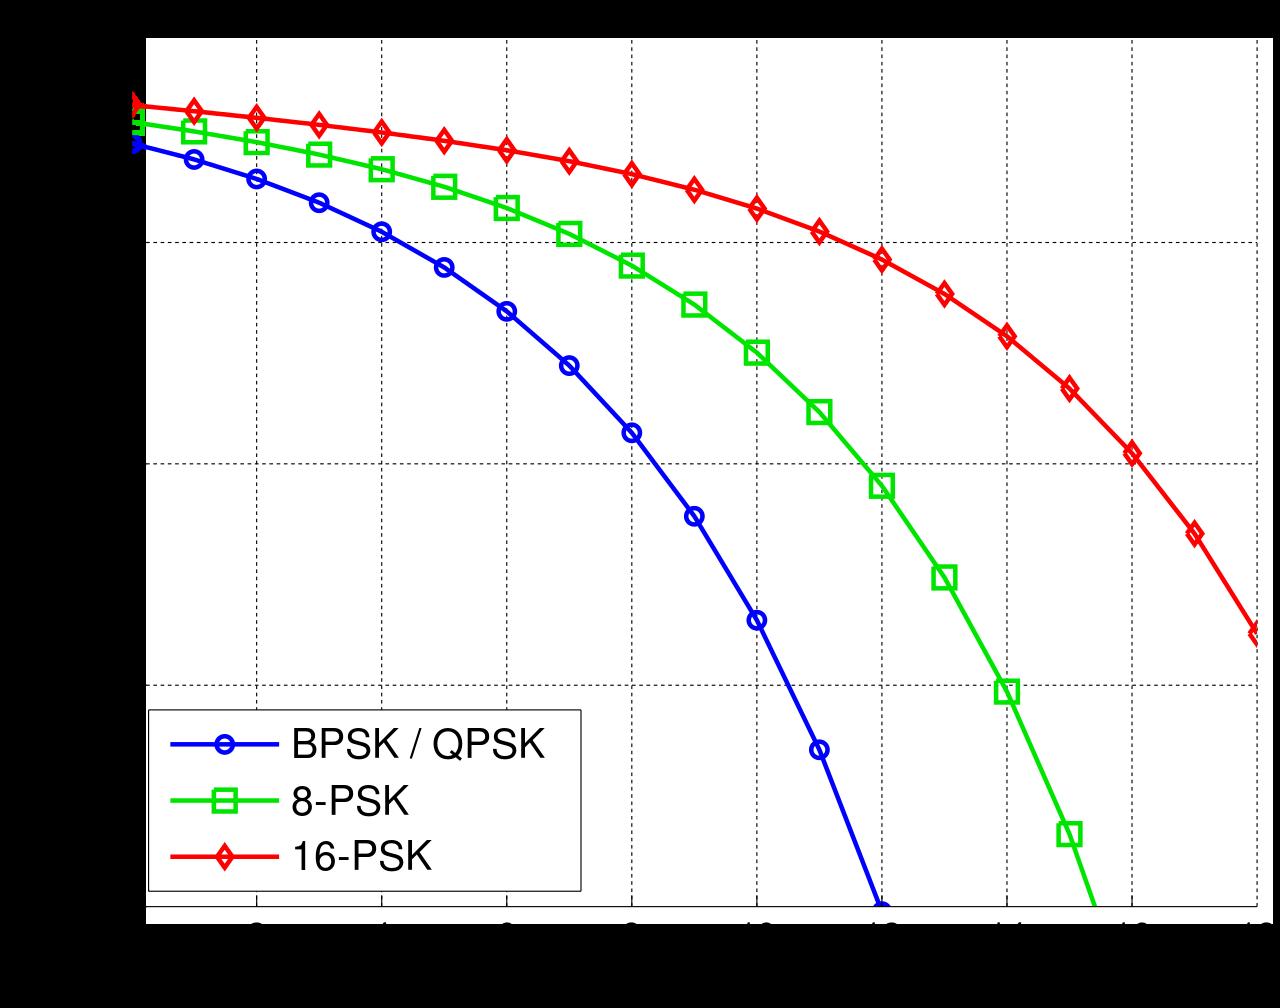 Constellation Diagram In Digital Communication 2001 Ford Ranger Fuse Panel Bit Error Rate Curves Bpsk Qpsk 8 Psk 16